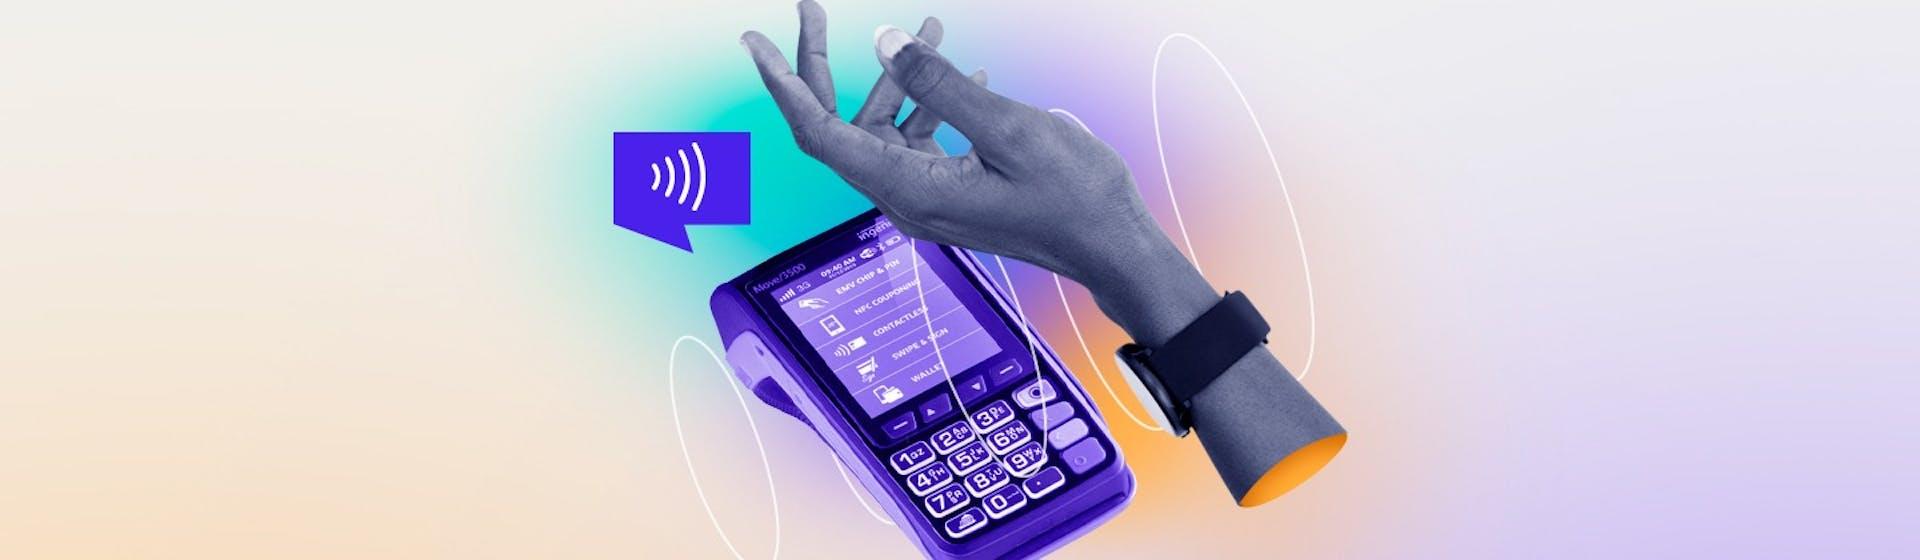 Tecnología contactless: Hacia una economía sin contacto